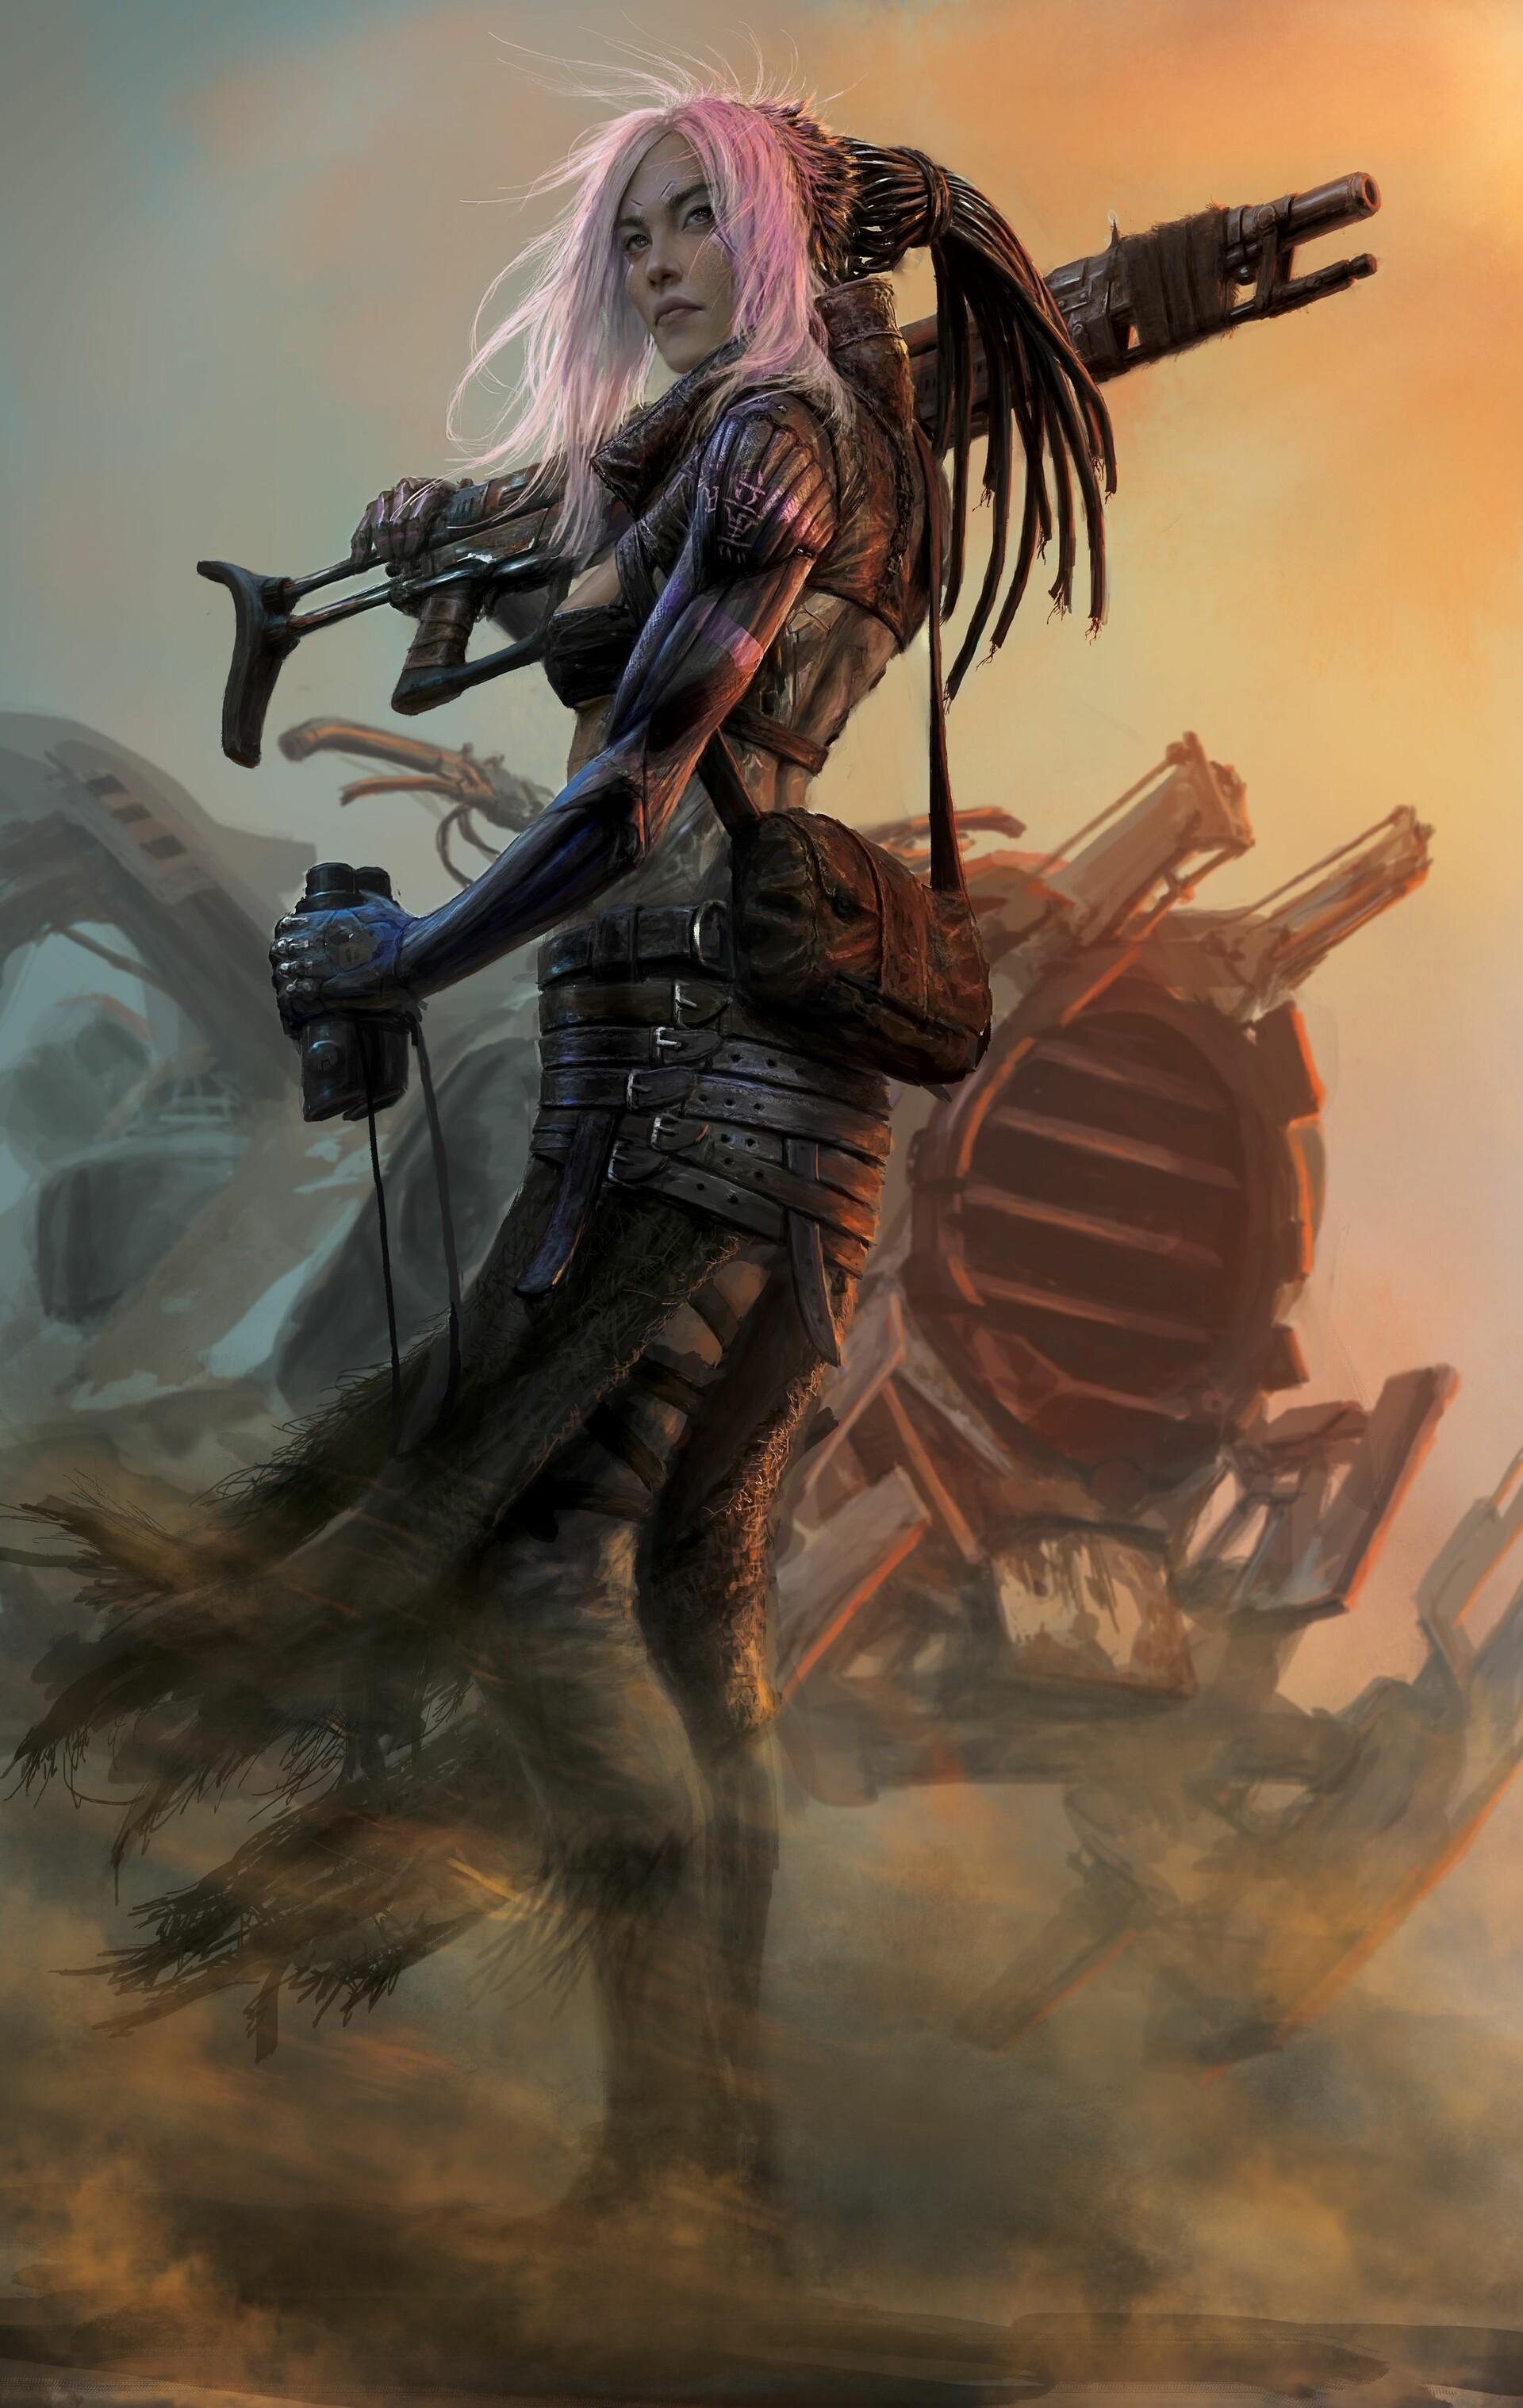 Women Warrior Art - ID: 57886 - Art Abyss